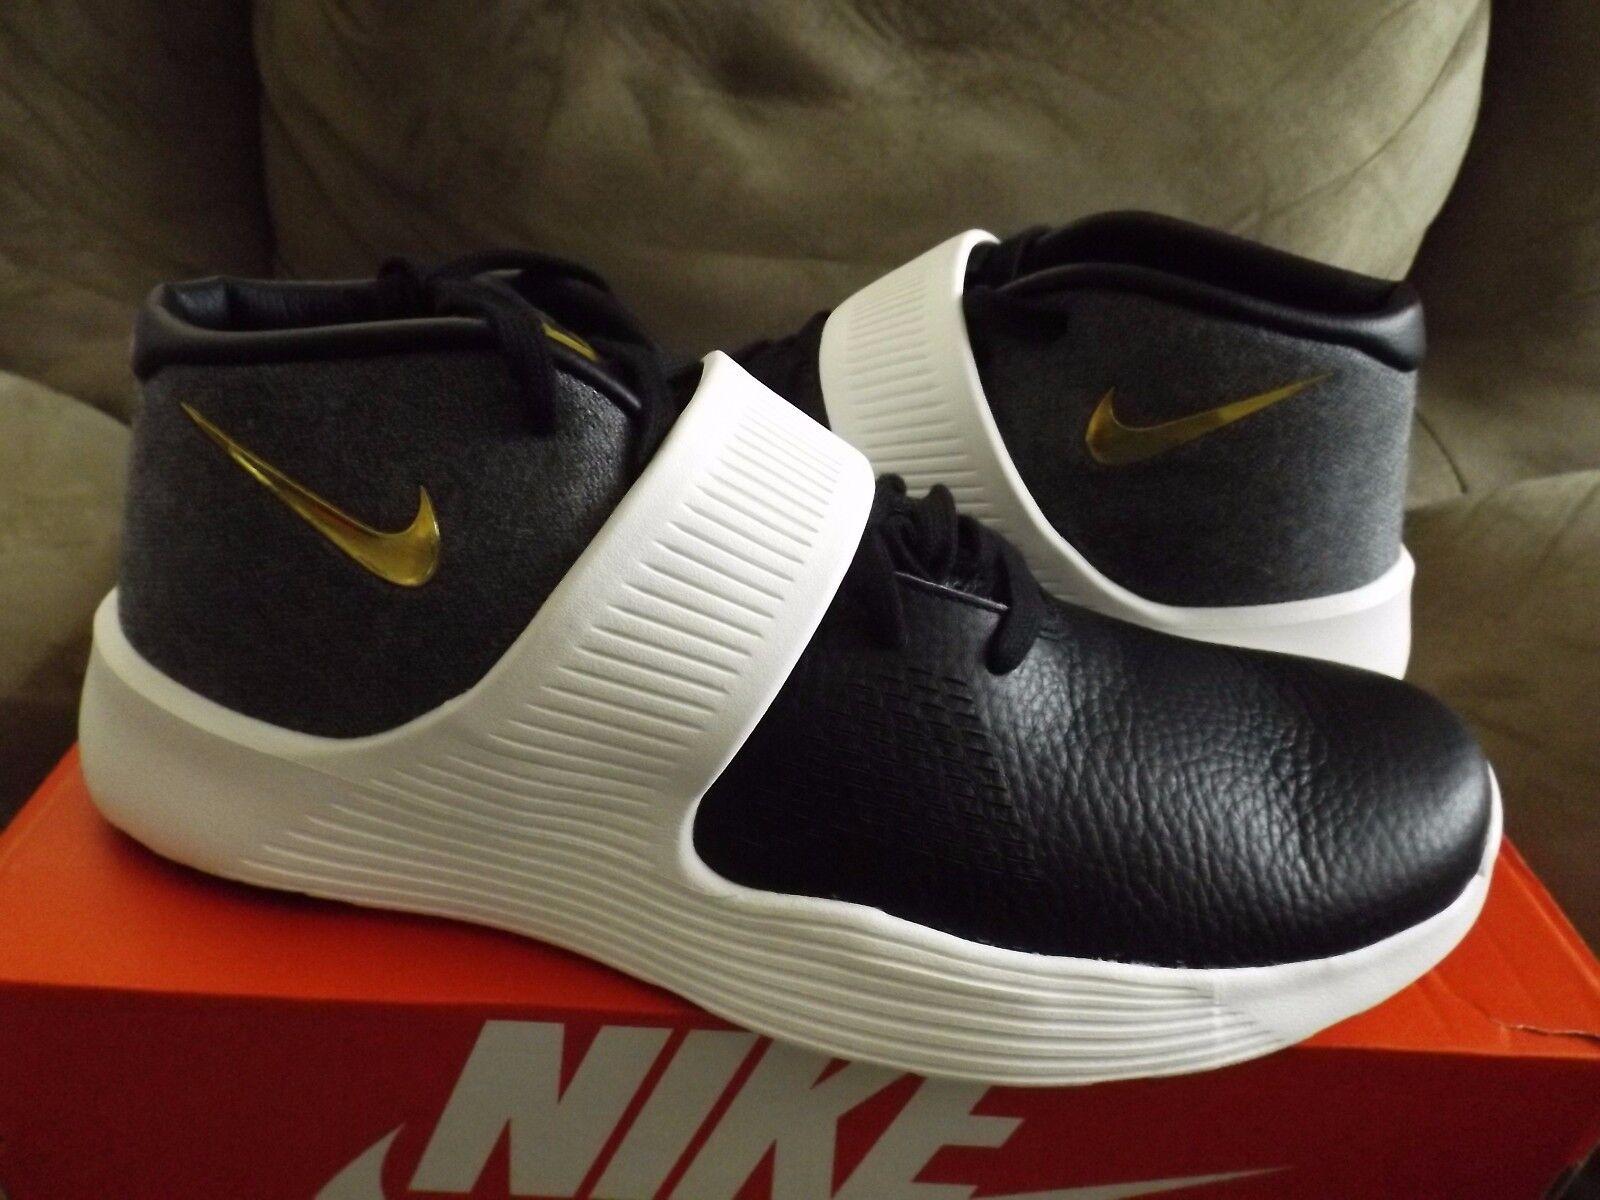 Nike zoom hawk volo uomo numero 9 bianco bianco 9 rosso scarpe da basket 805272-100 6bde94